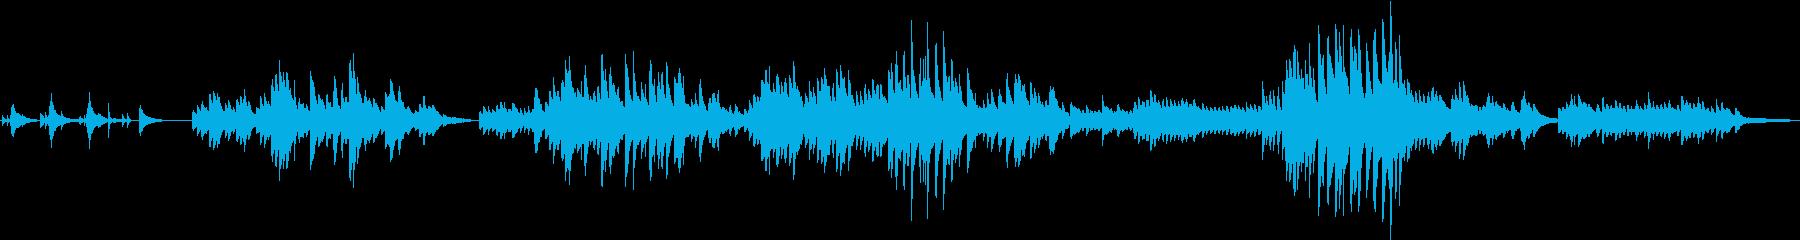 ゆりかごのようなヒーリング、ピアノソロ♪の再生済みの波形